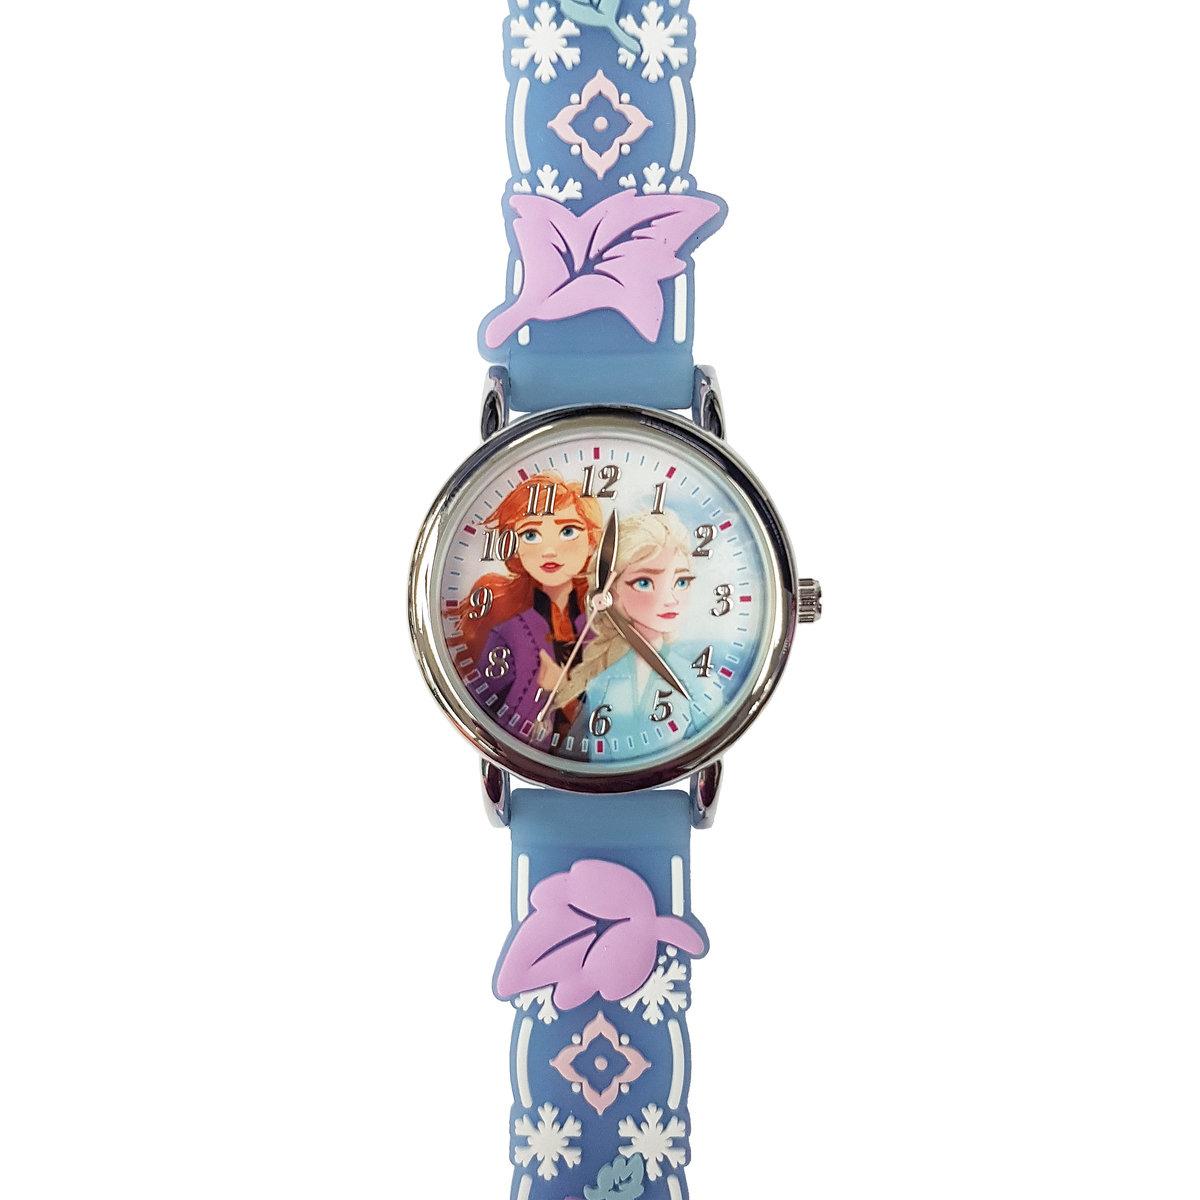 DISNEY FROZEN 2 - Luminous watch wrist watch - Elsa/Anna (Licensed by Disney)